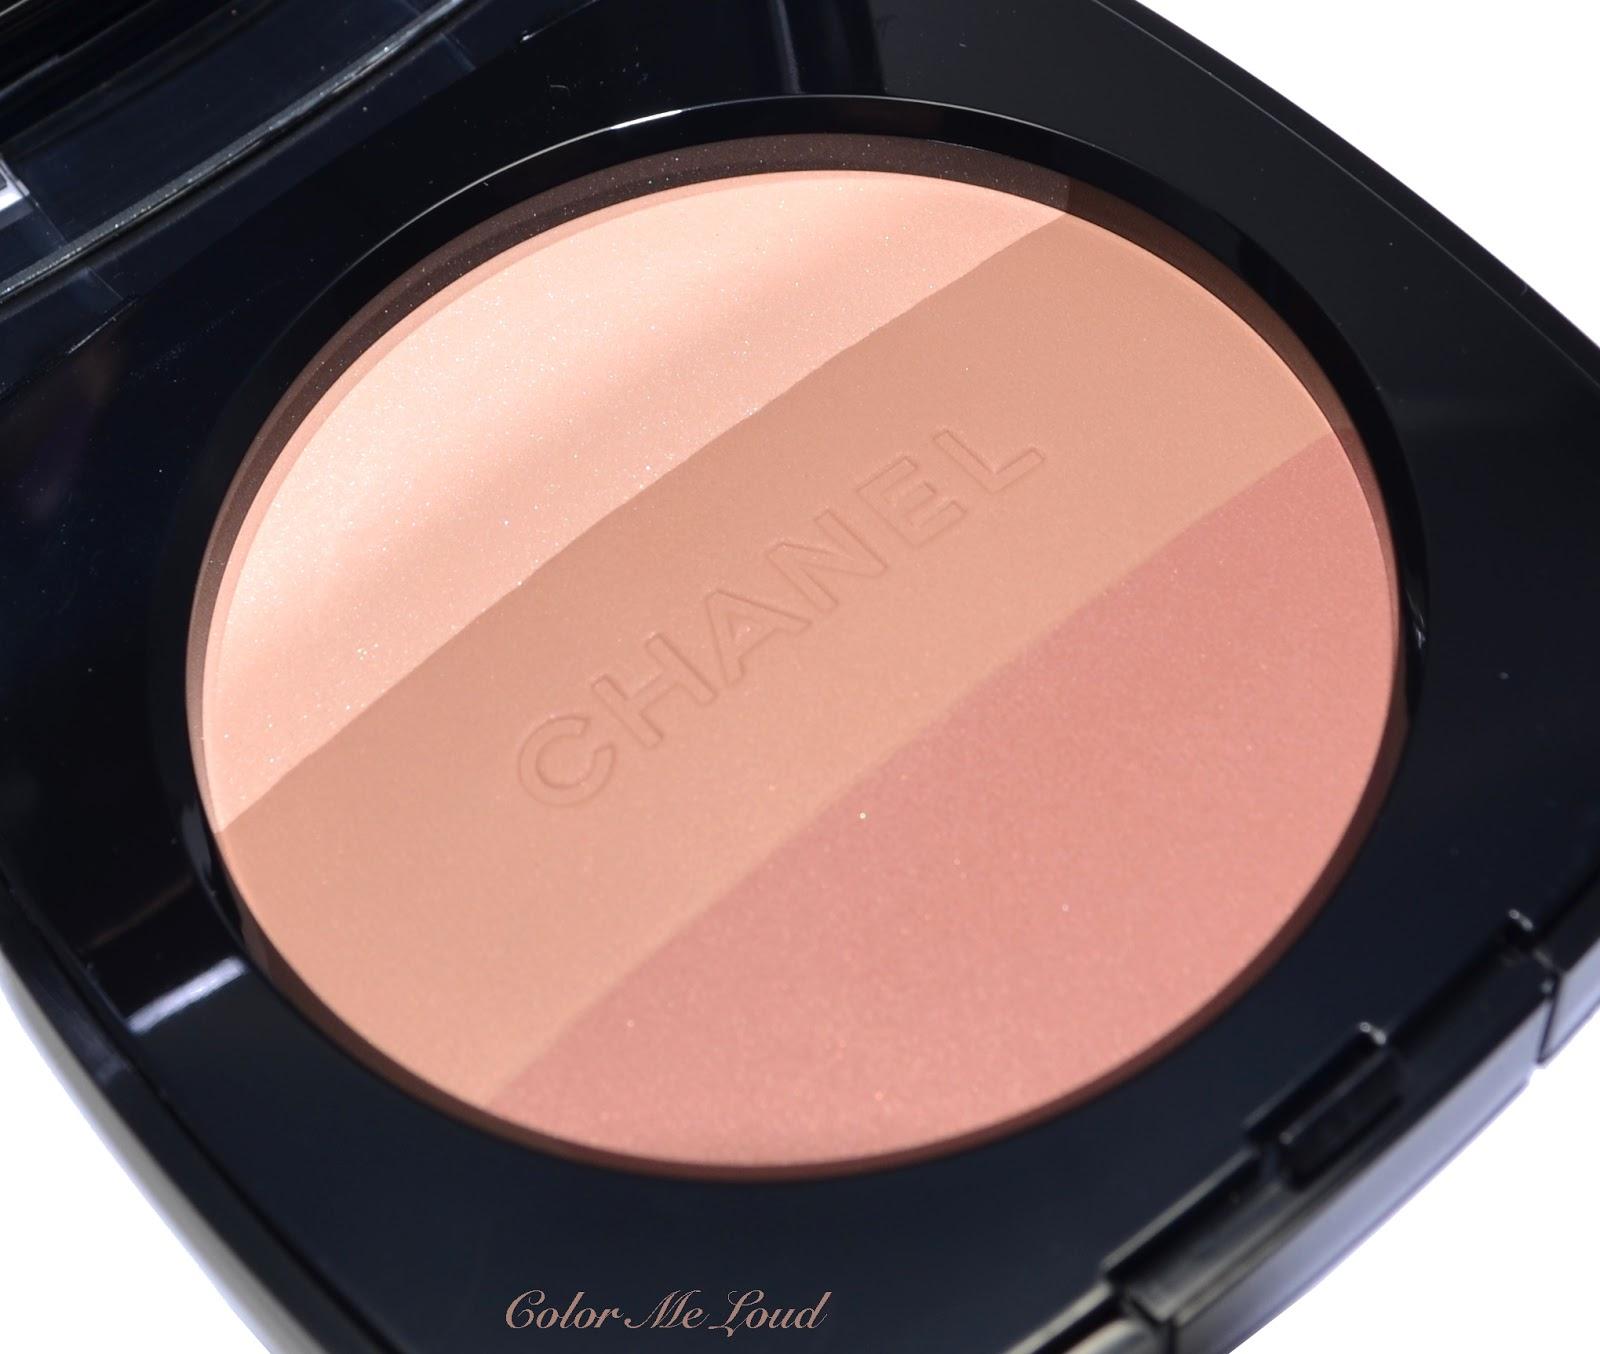 Chanel Les Beiges Healthy Glow Multi-Colour Powder  01    02, Review ... 48b7d50cbd8